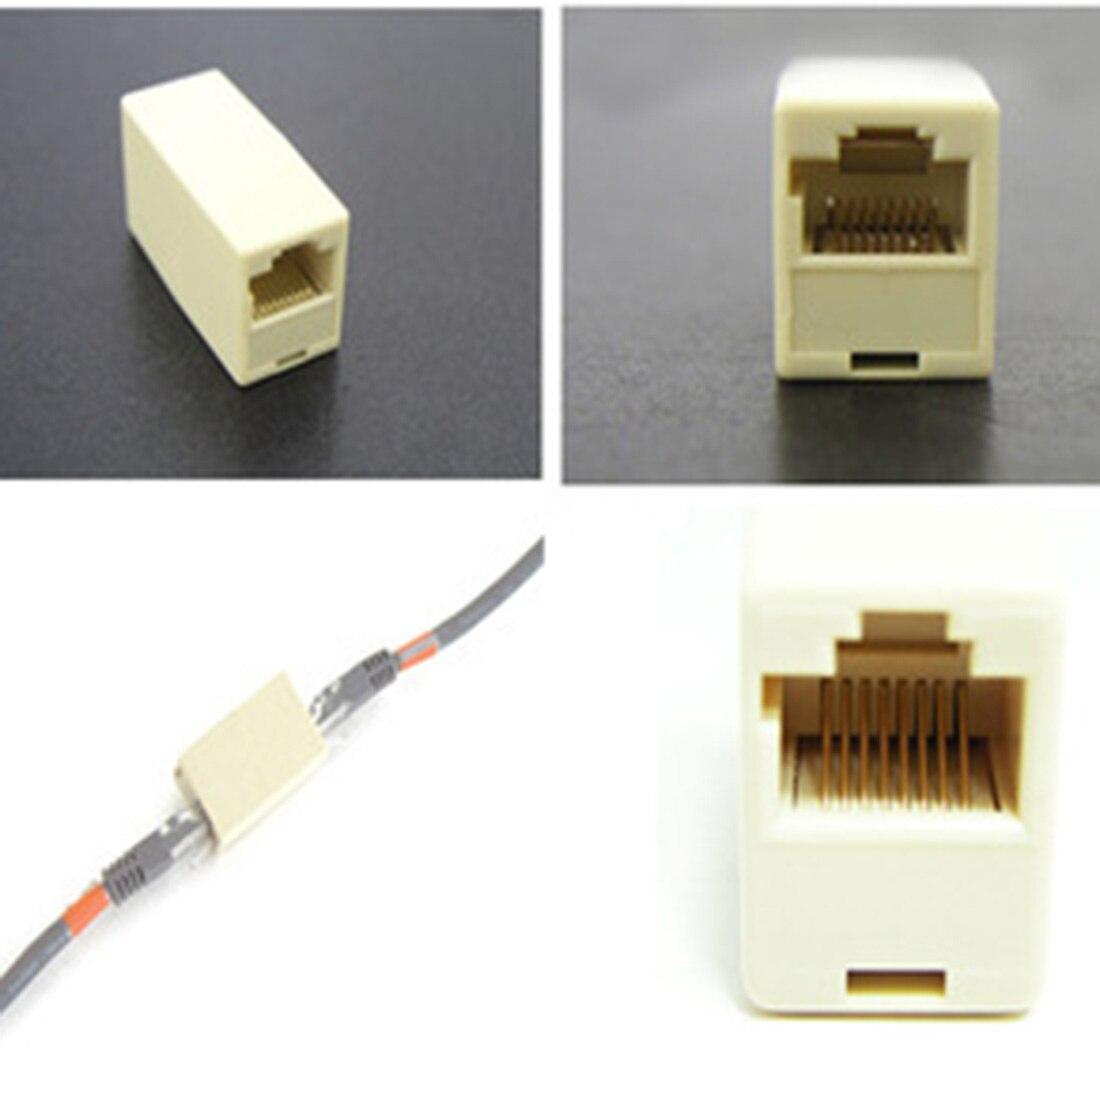 Marsnaska Extender Plug Cable Joiner RJ45 Adapter Network Ethernet Lan Coupler Connector Extender Plug